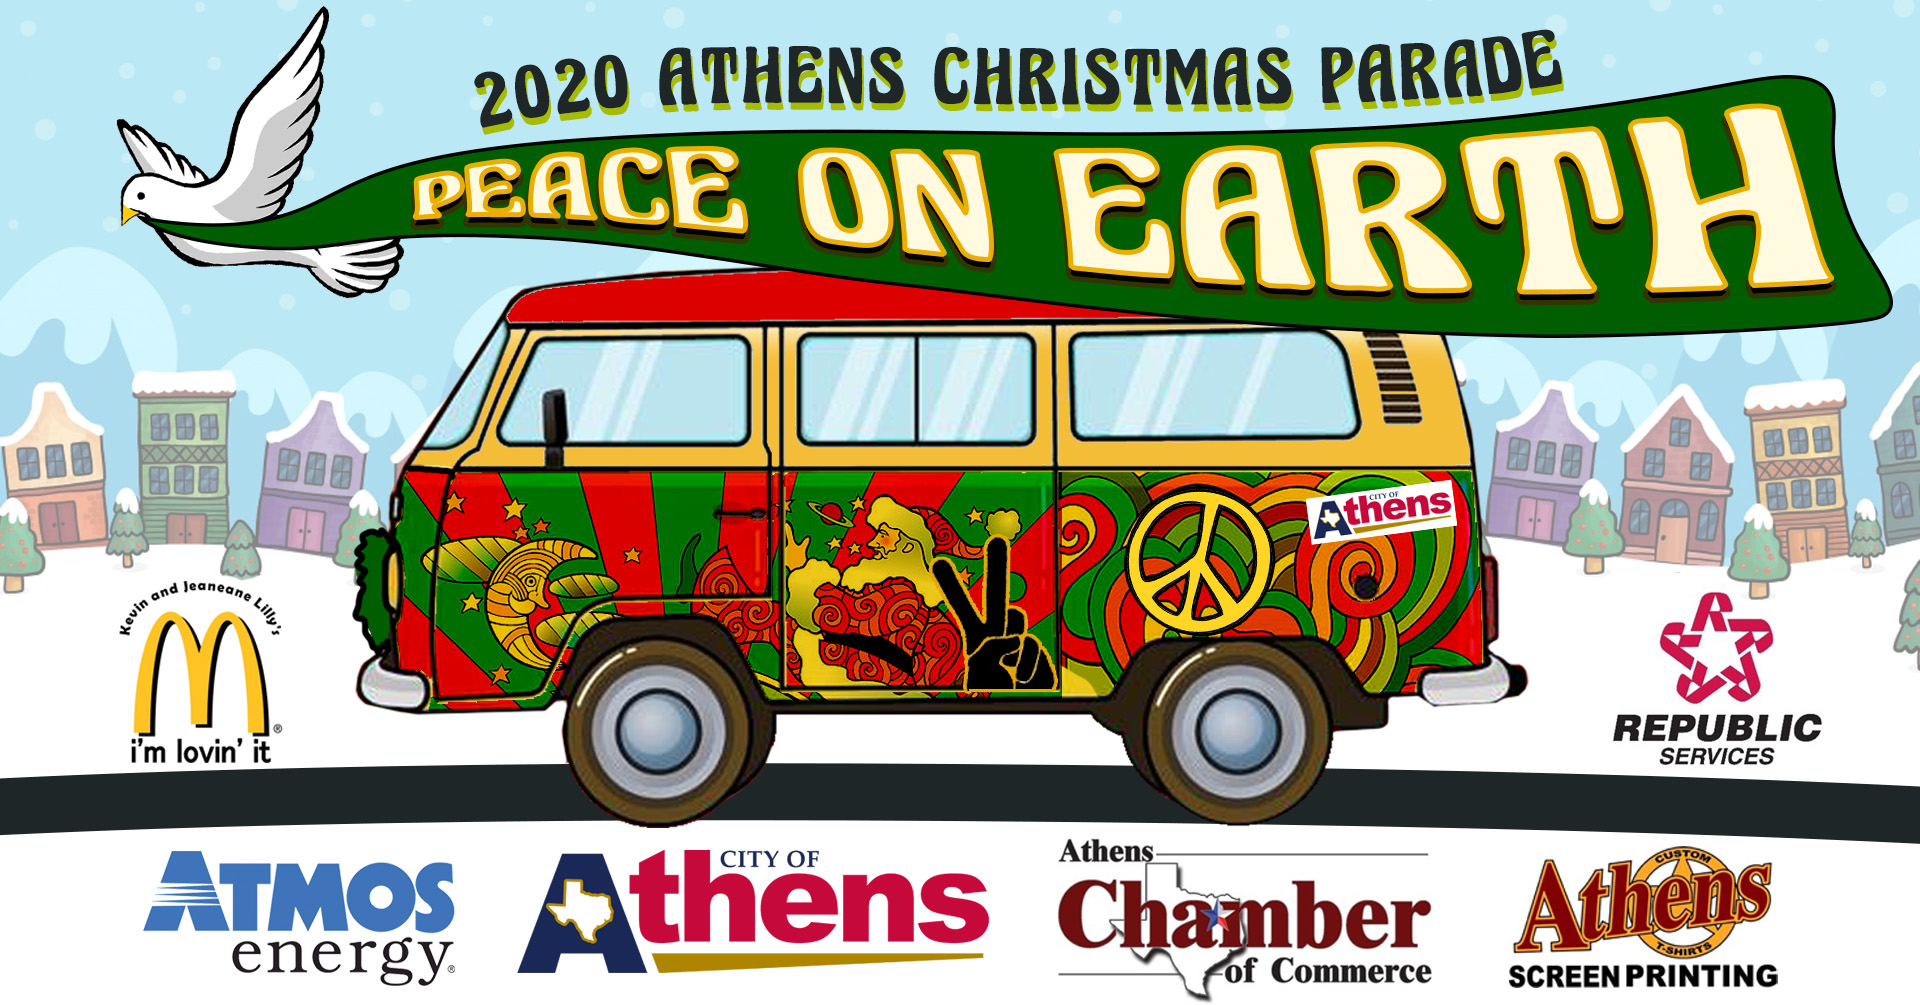 2020 Athens Christmas Parade | Athens Tourism | December 5, 2020